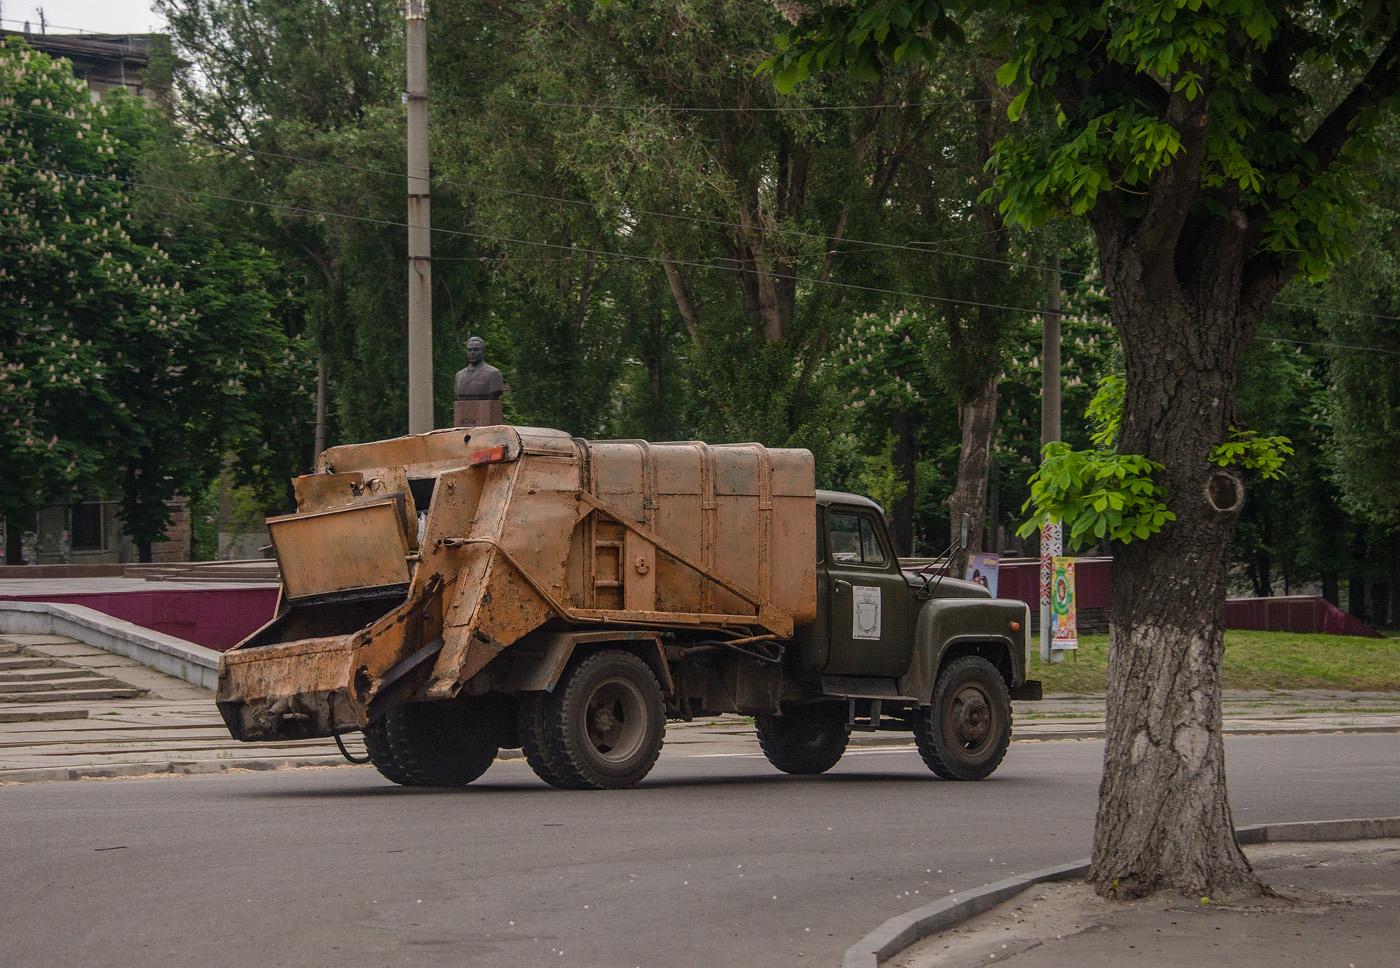 Мусоровоз 53М на шасси ГАЗ-53А. Днепропетровская область, Каменское, просп. Свободы